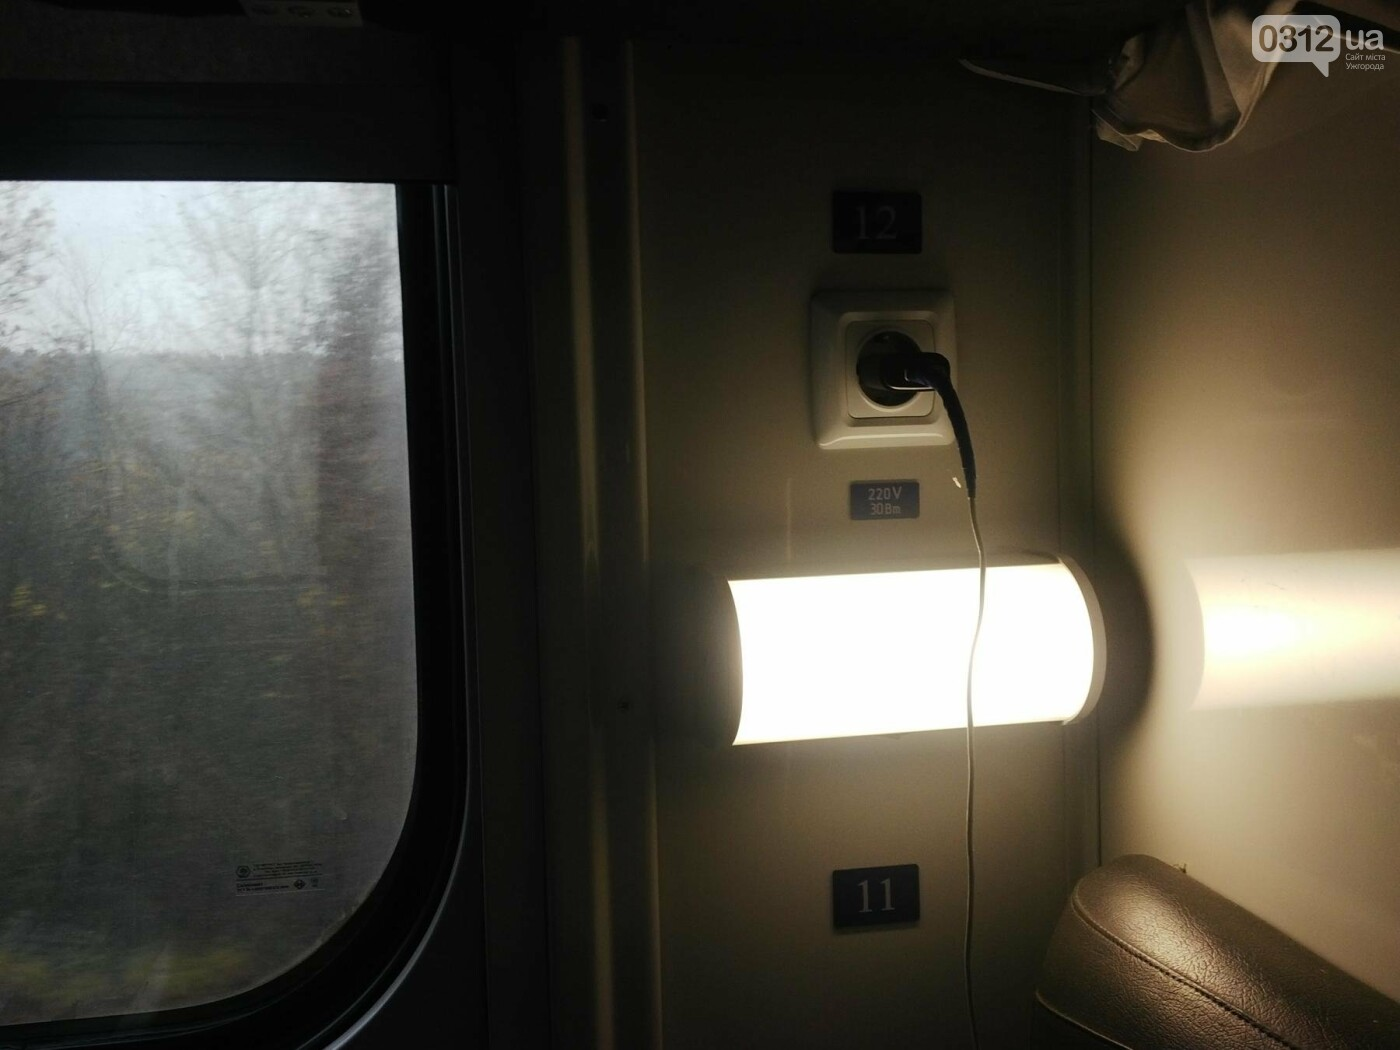 Як виглядають купе нових вагонів потягу «Ужгород-Київ» 2016 року випуску: фоторепортаж, фото-4